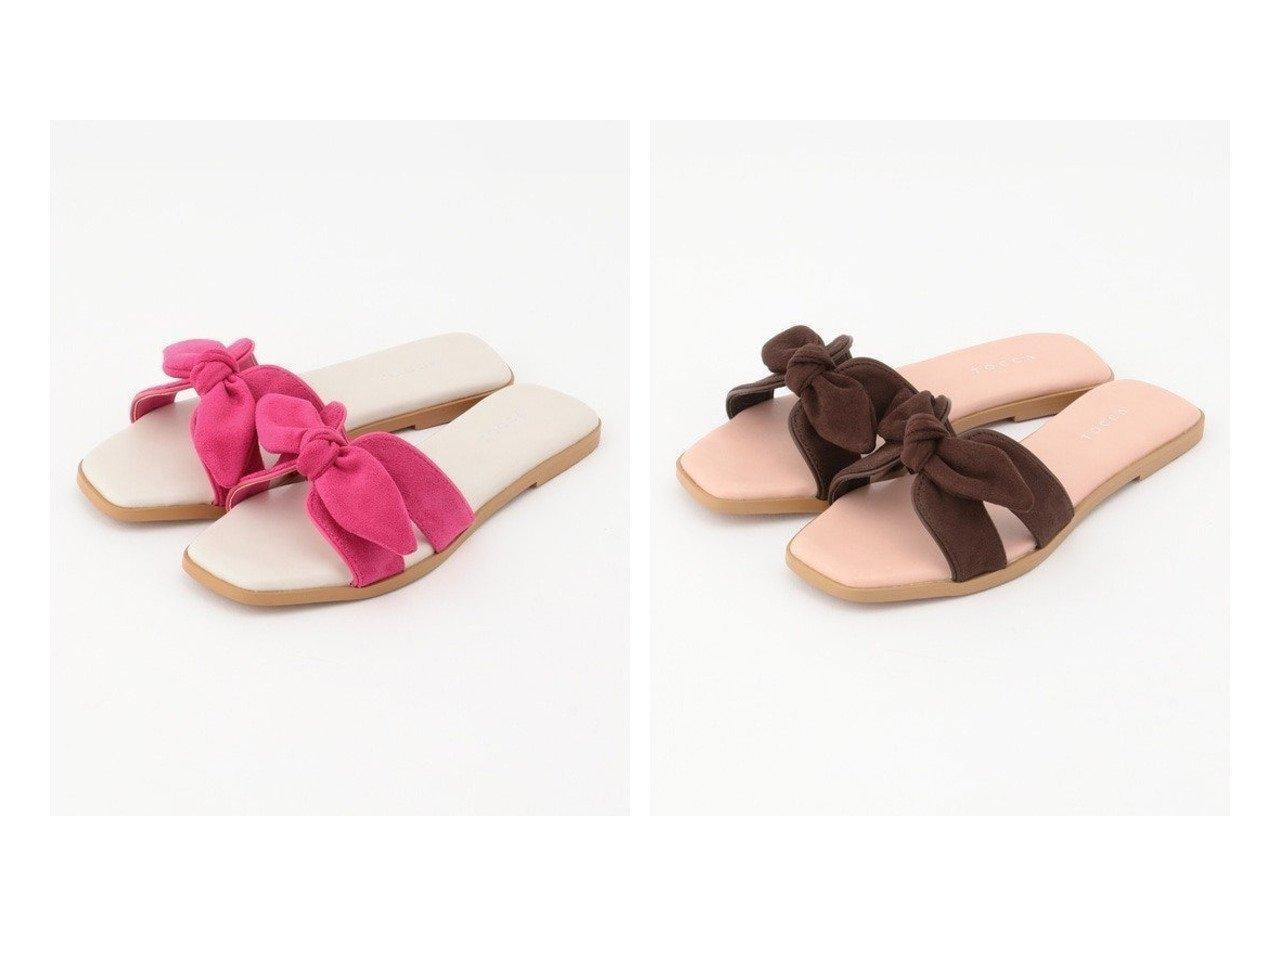 【TOCCA/トッカ】の【TOCCA LAVENDER】Flat sandals フラットサンダル TOCCAのおすすめ!人気、トレンド・レディースファッションの通販  おすすめで人気の流行・トレンド、ファッションの通販商品 メンズファッション・キッズファッション・インテリア・家具・レディースファッション・服の通販 founy(ファニー) https://founy.com/ ファッション Fashion レディースファッション WOMEN クッション コレクション サンダル スエード ファブリック フラット リゾート ロマンティック 2020年 2020 S/S 春夏 SS Spring/Summer 2020 春夏 S/S SS Spring/Summer 2020 送料無料 Free Shipping  ID:crp329100000017766